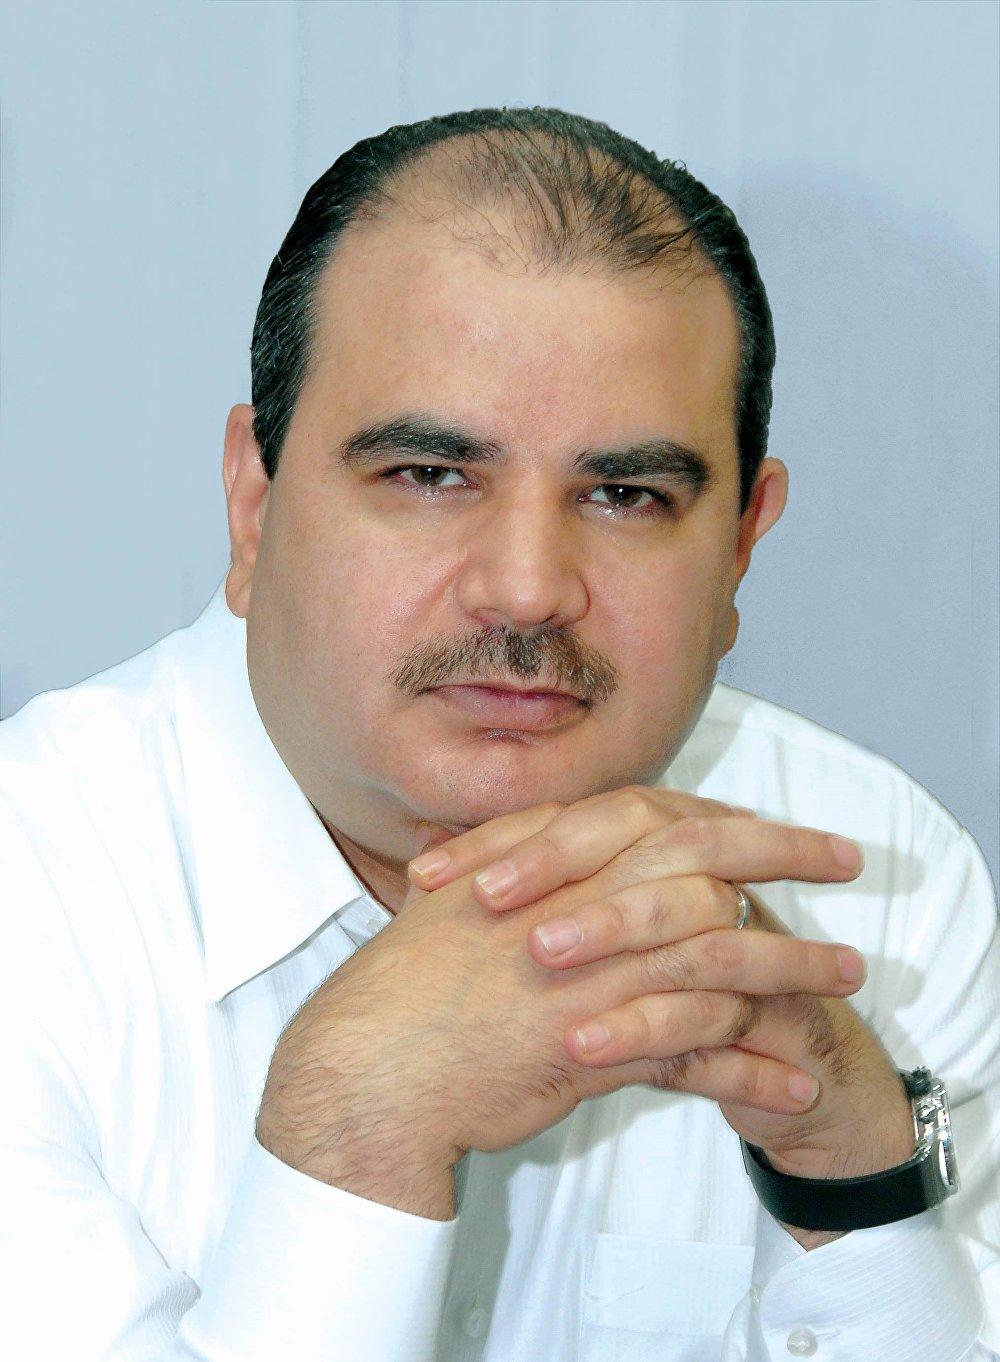 رئيس تحرير صحيفة الاقتصادية ومؤسس صحيفة الوطن السورية وضاح عبد ربه